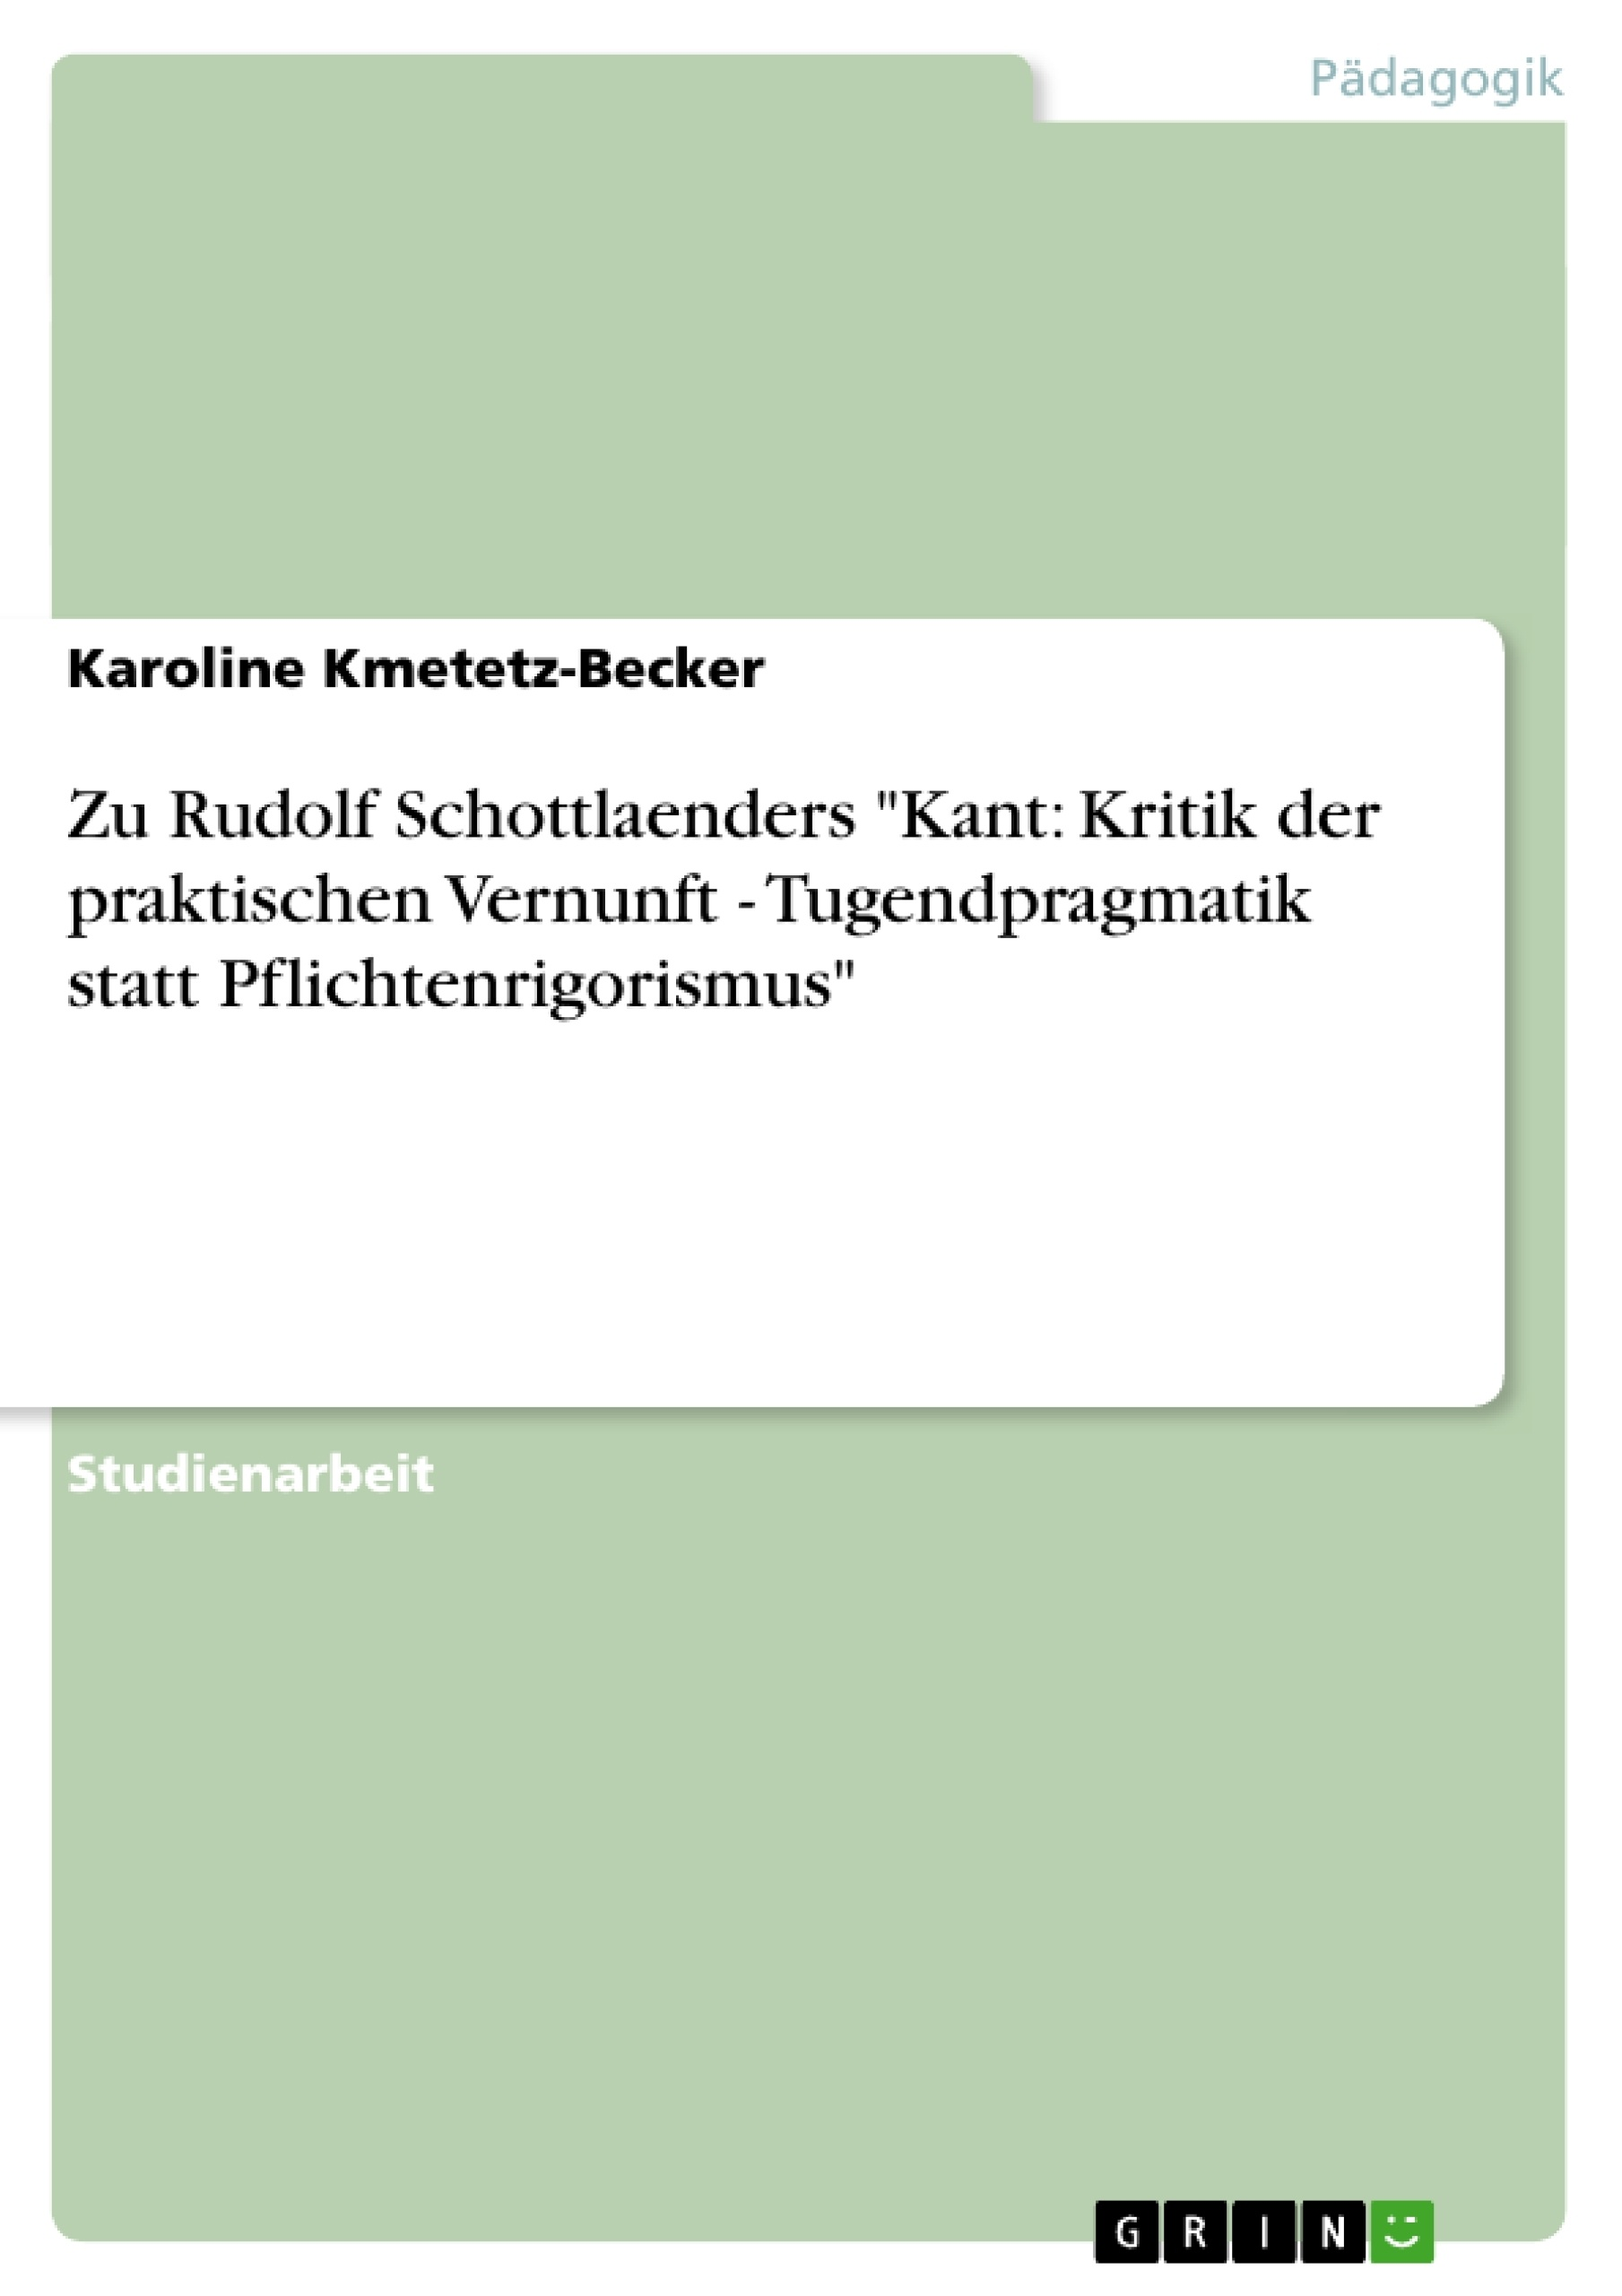 """Titel: Zu Rudolf Schottlaenders """"Kant: Kritik der praktischen Vernunft - Tugendpragmatik statt Pflichtenrigorismus"""""""